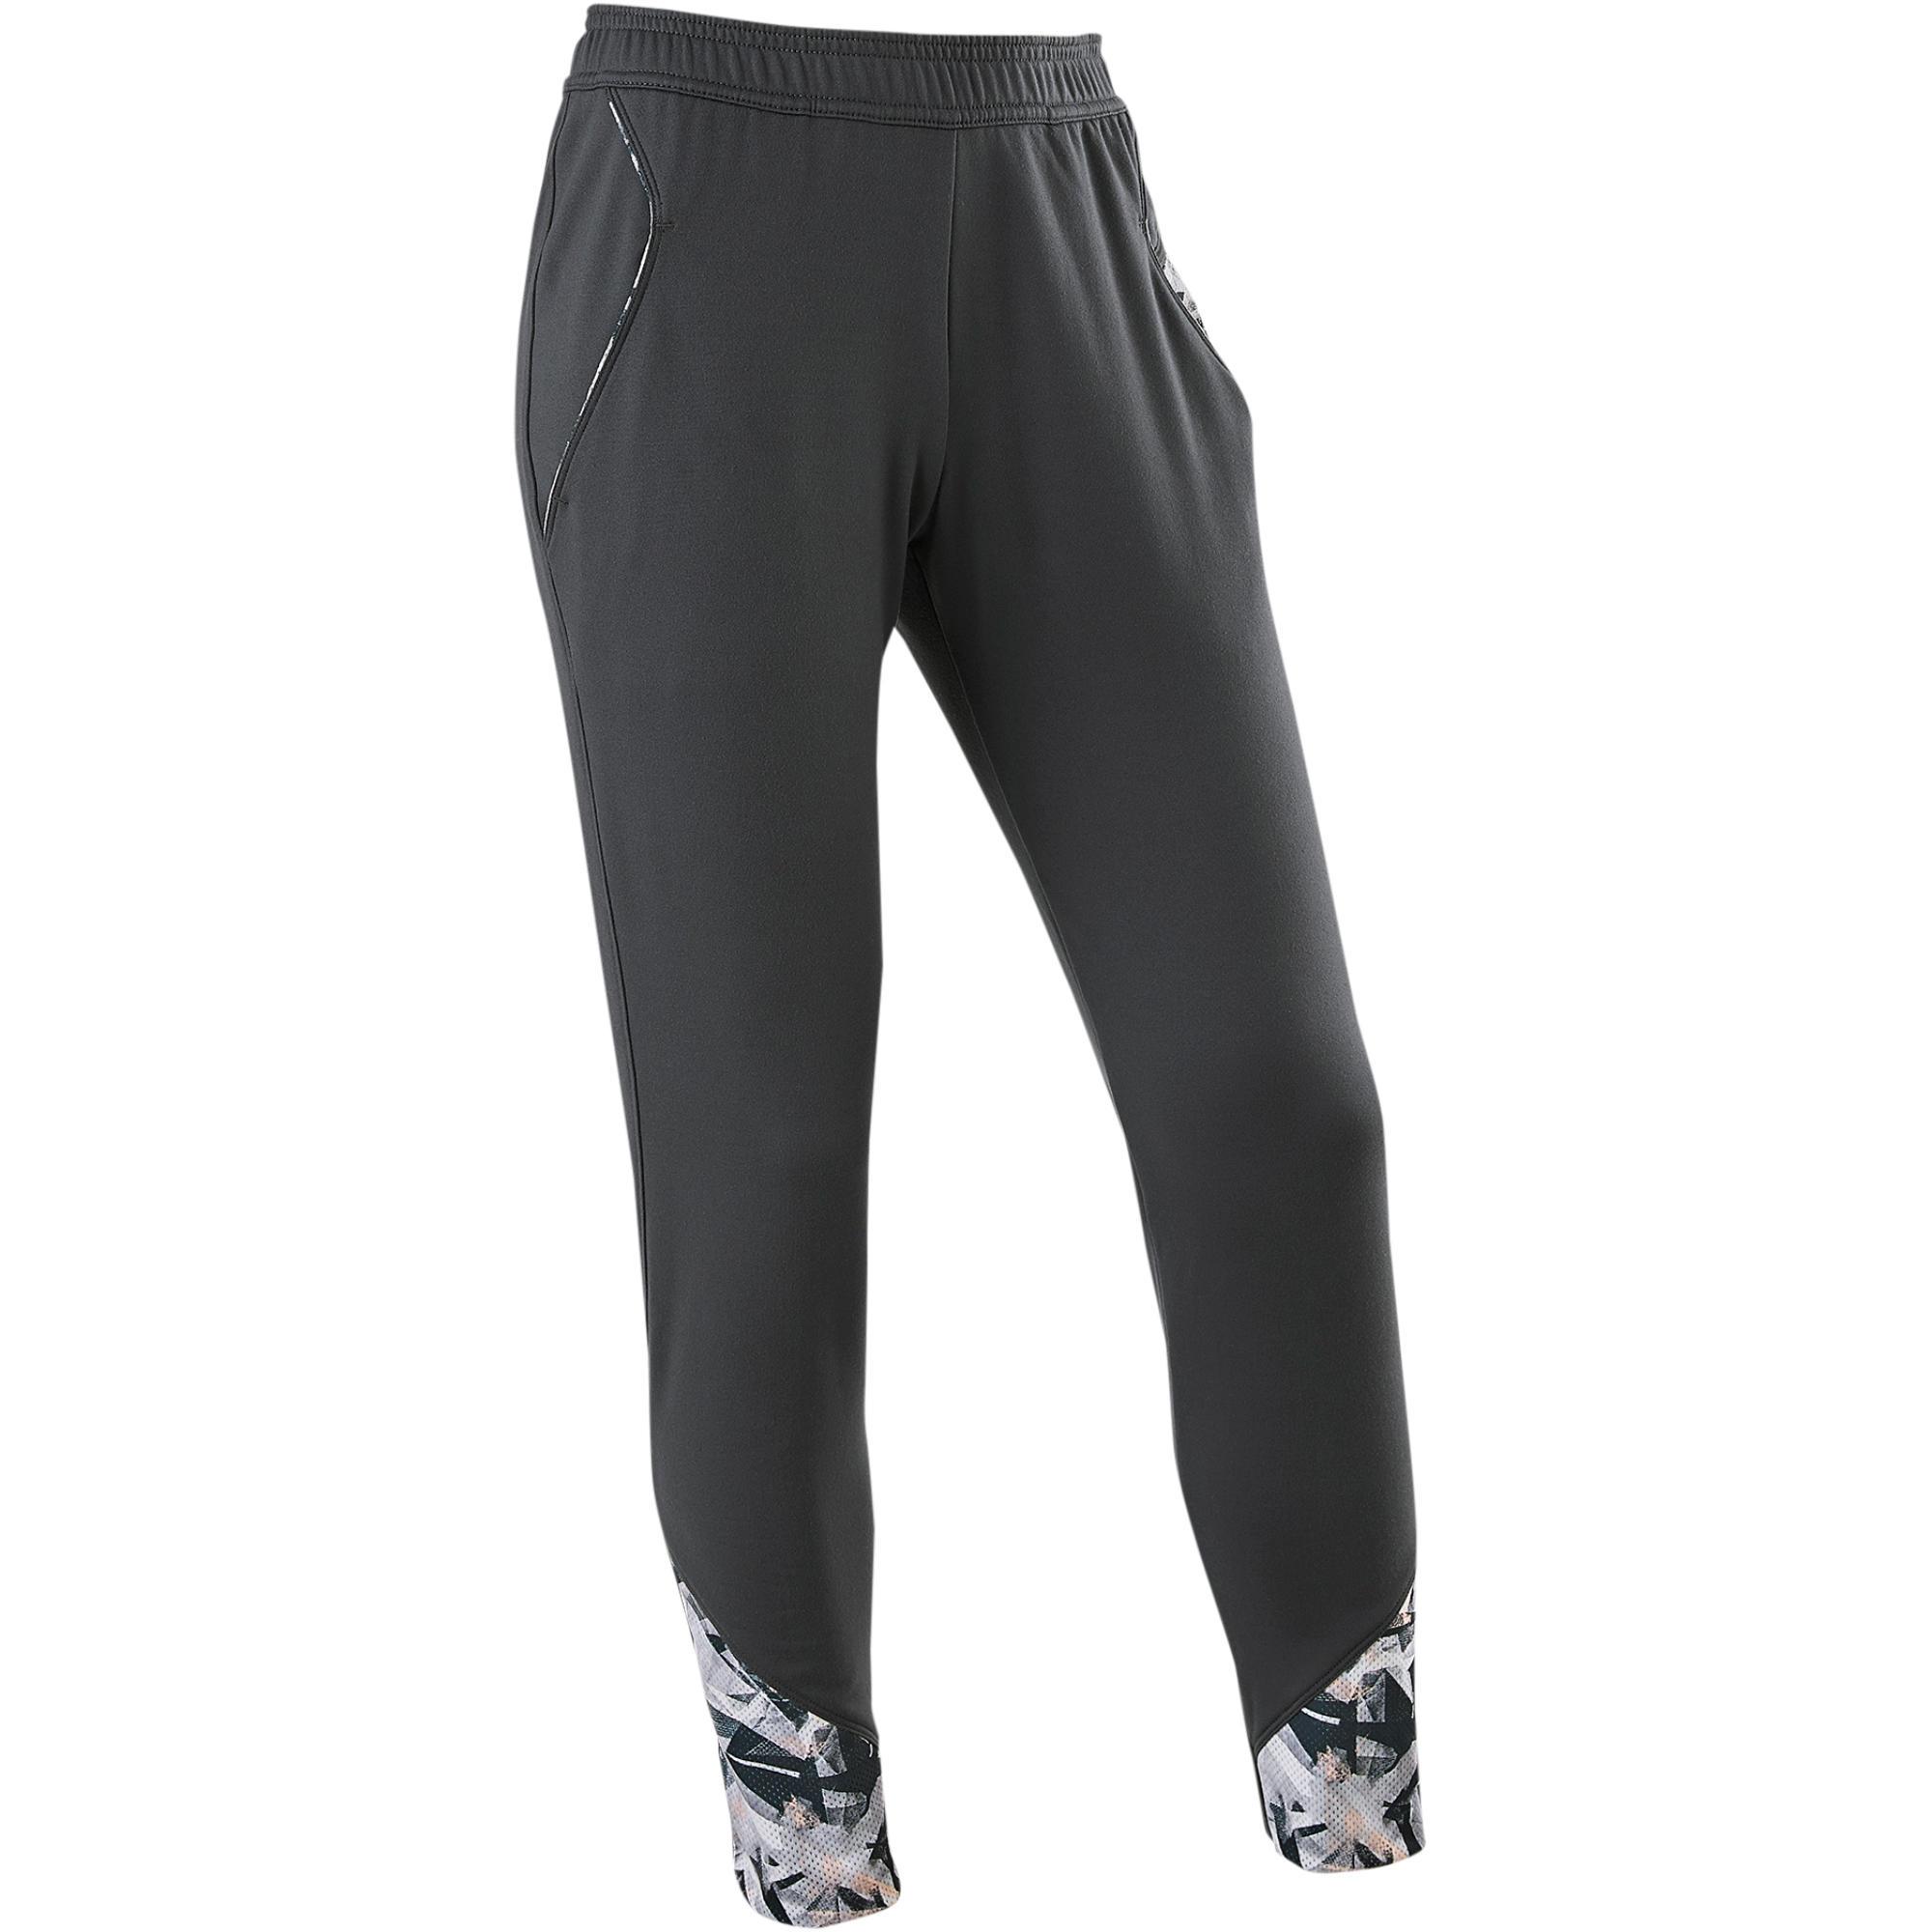 große Auswahl an Farben und Designs Einkaufen attraktive Farbe Bekleidung Kinder - Jogginghose Warm S900 Gym Kinder grau mit Print